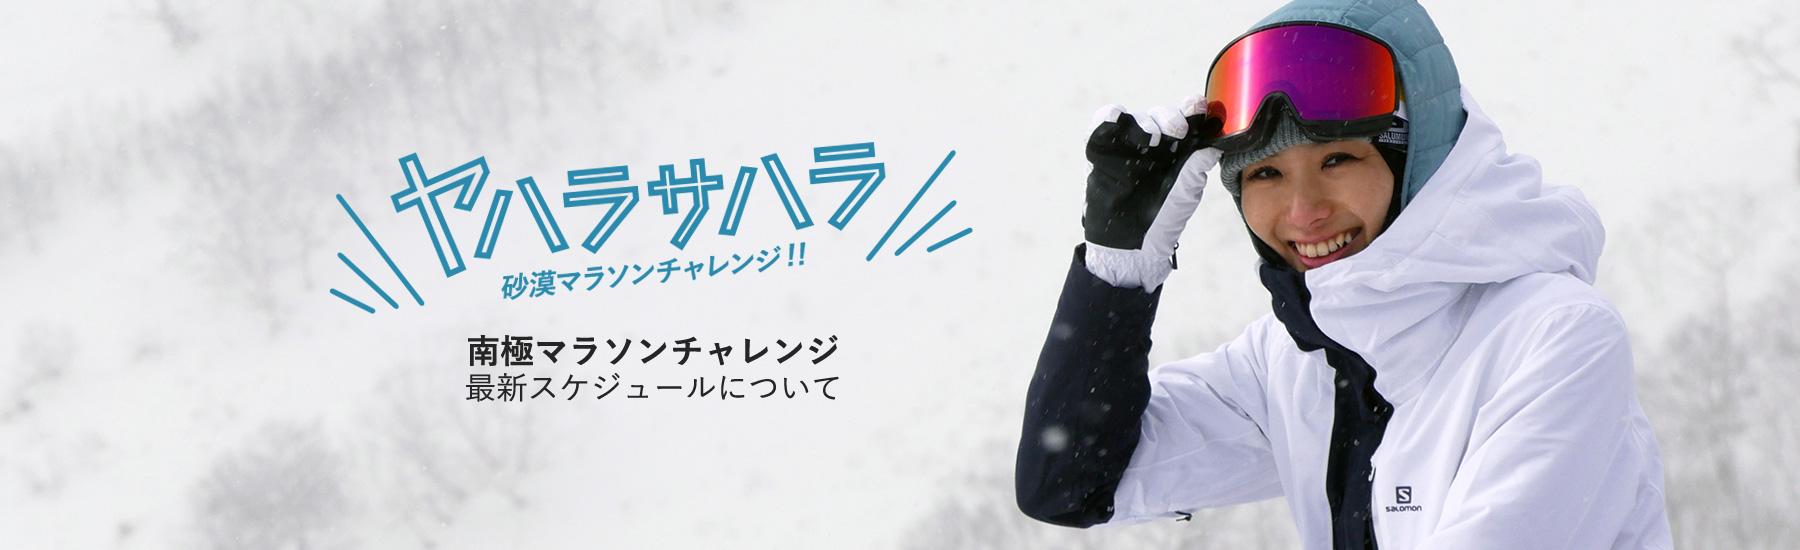 ヤハラサハラ 南極マラソンチャレンジ 最新スケジュールについて